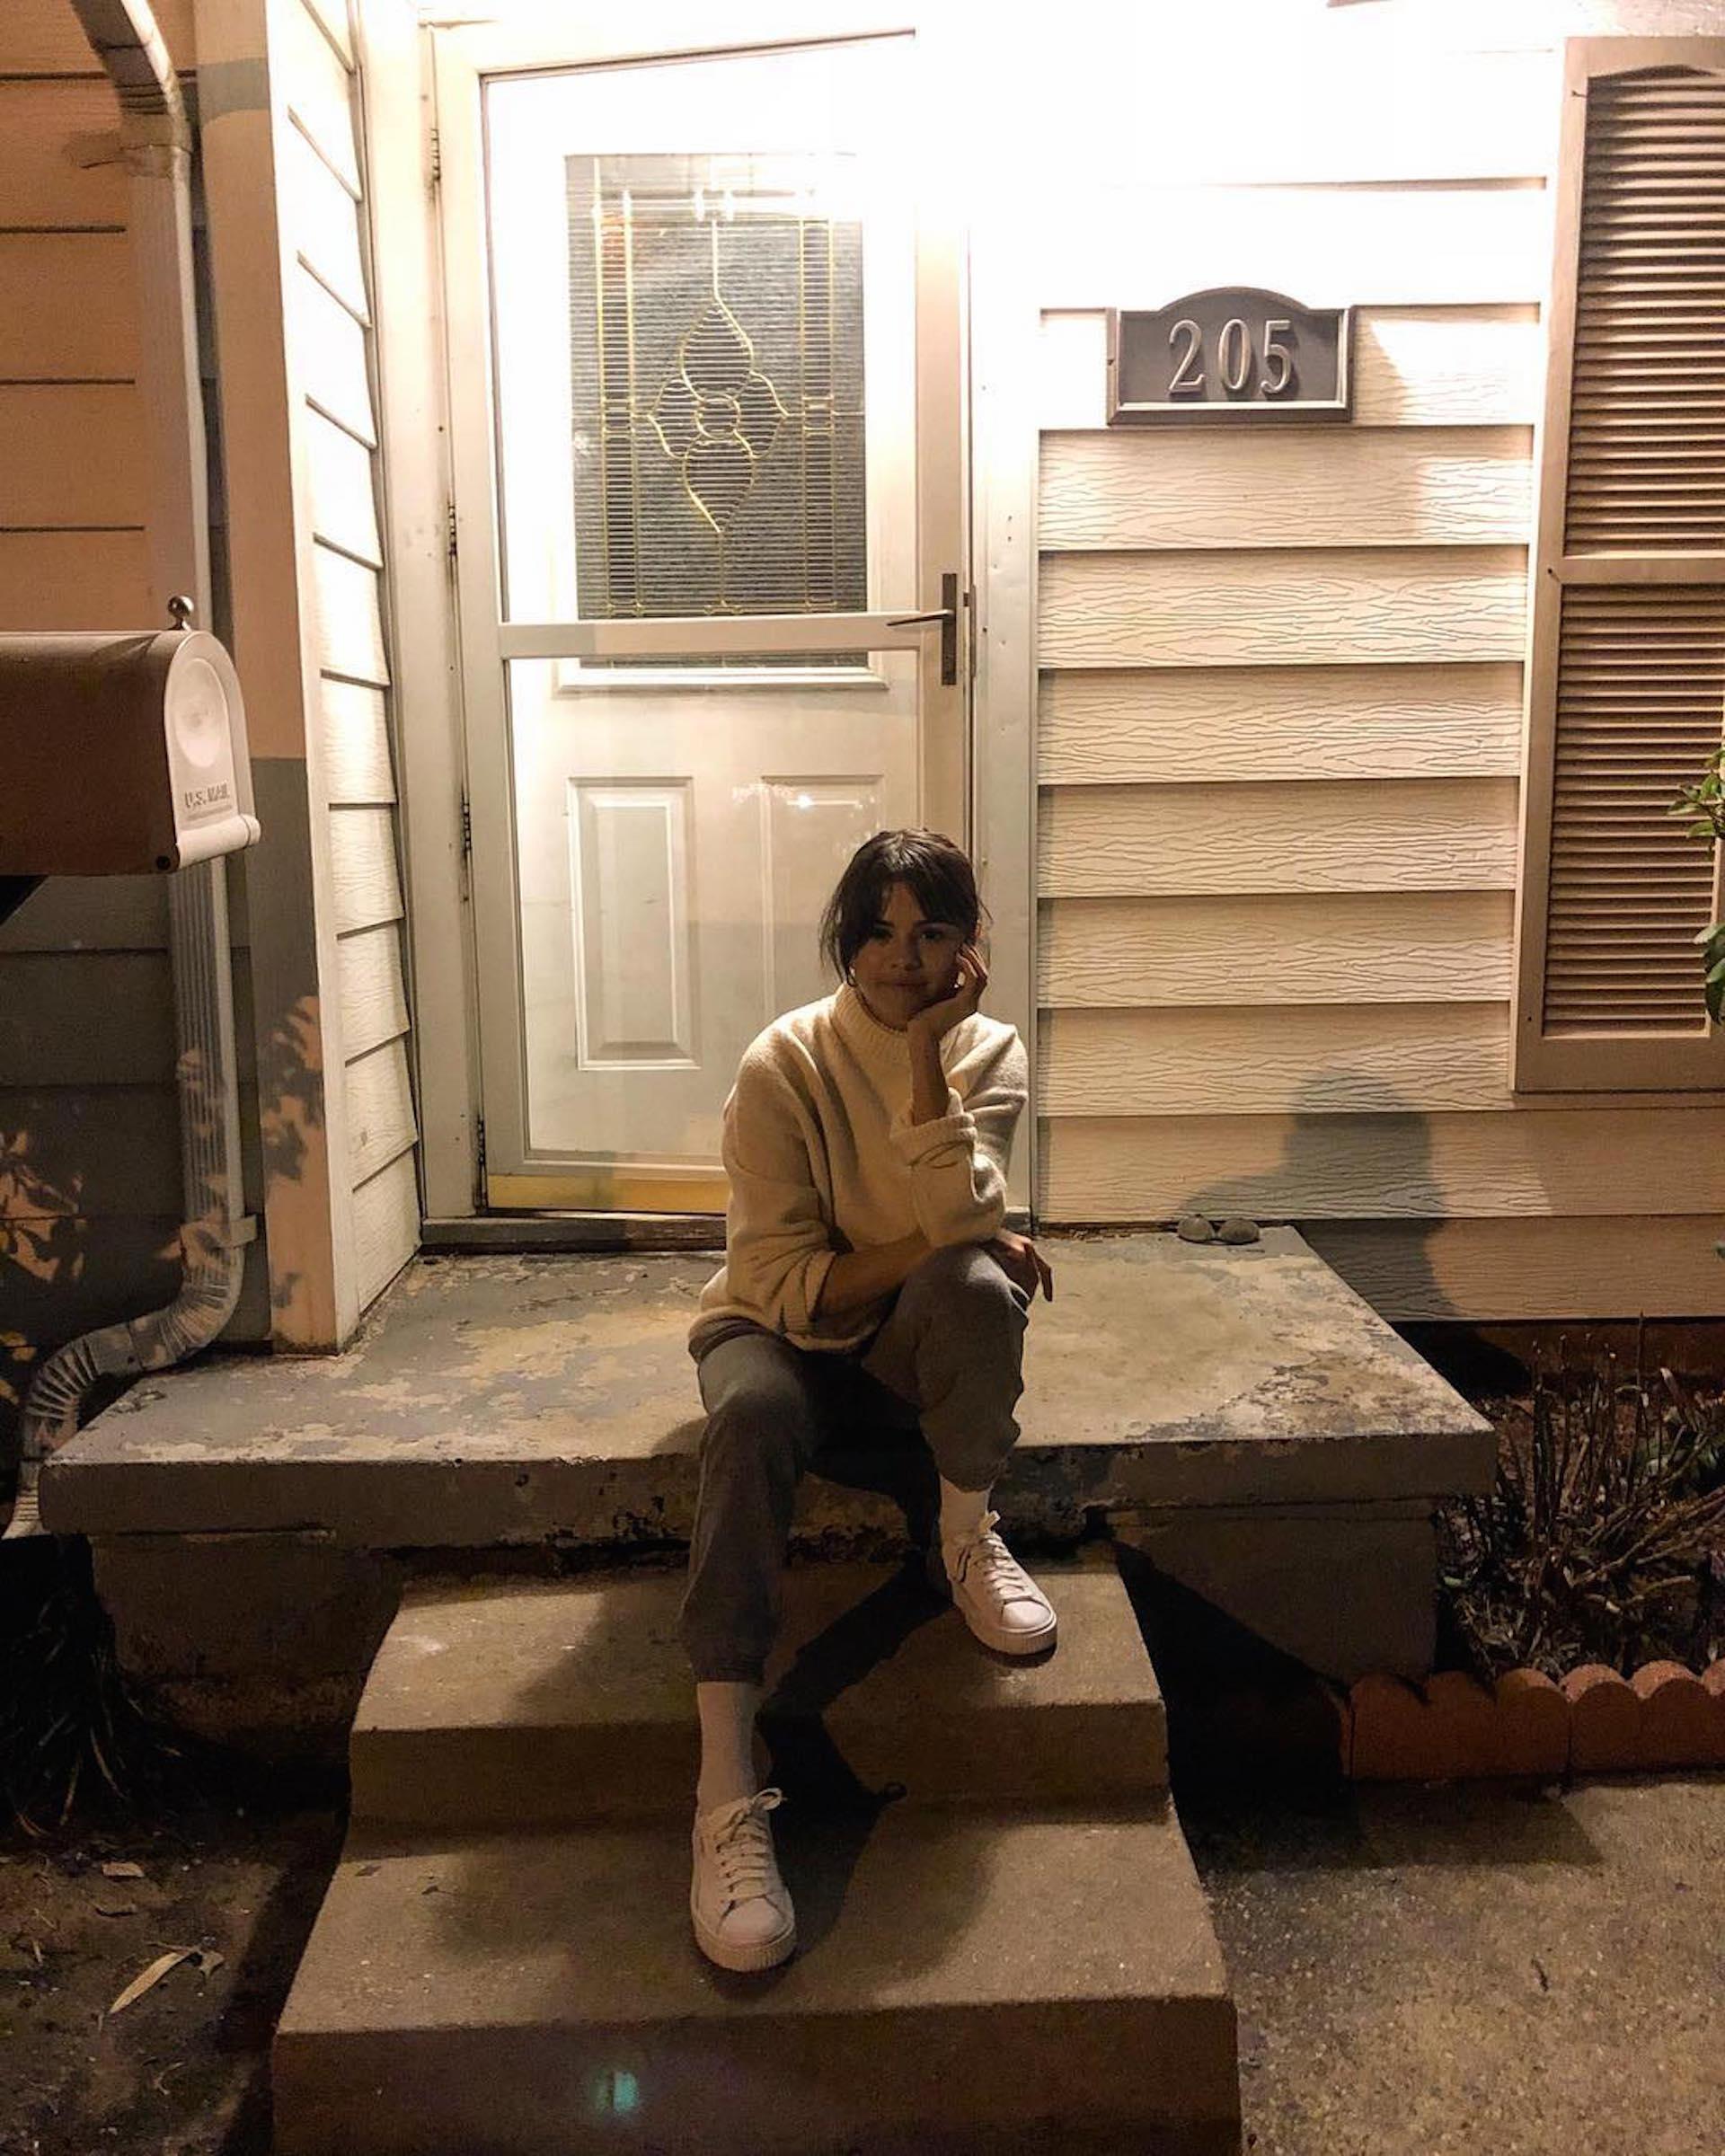 Selena frente a la casa en donde vivió hasta los 13 años. (Foto Instagram)